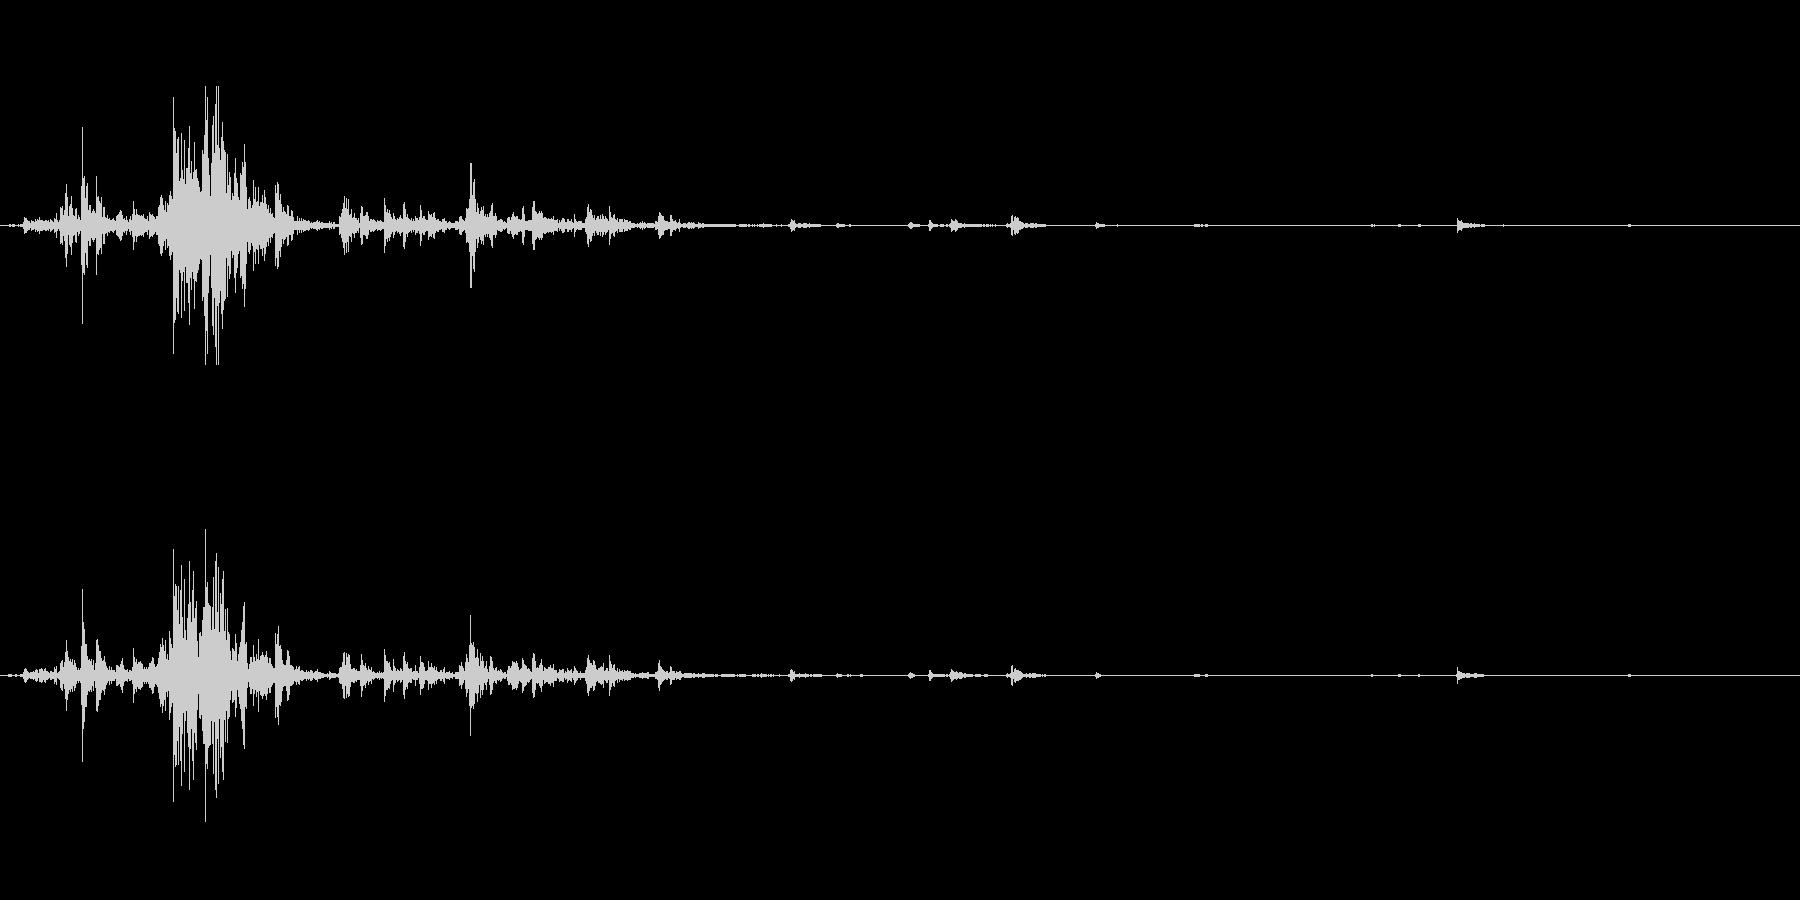 チャフチャス。アンデス地方の打楽器。の未再生の波形